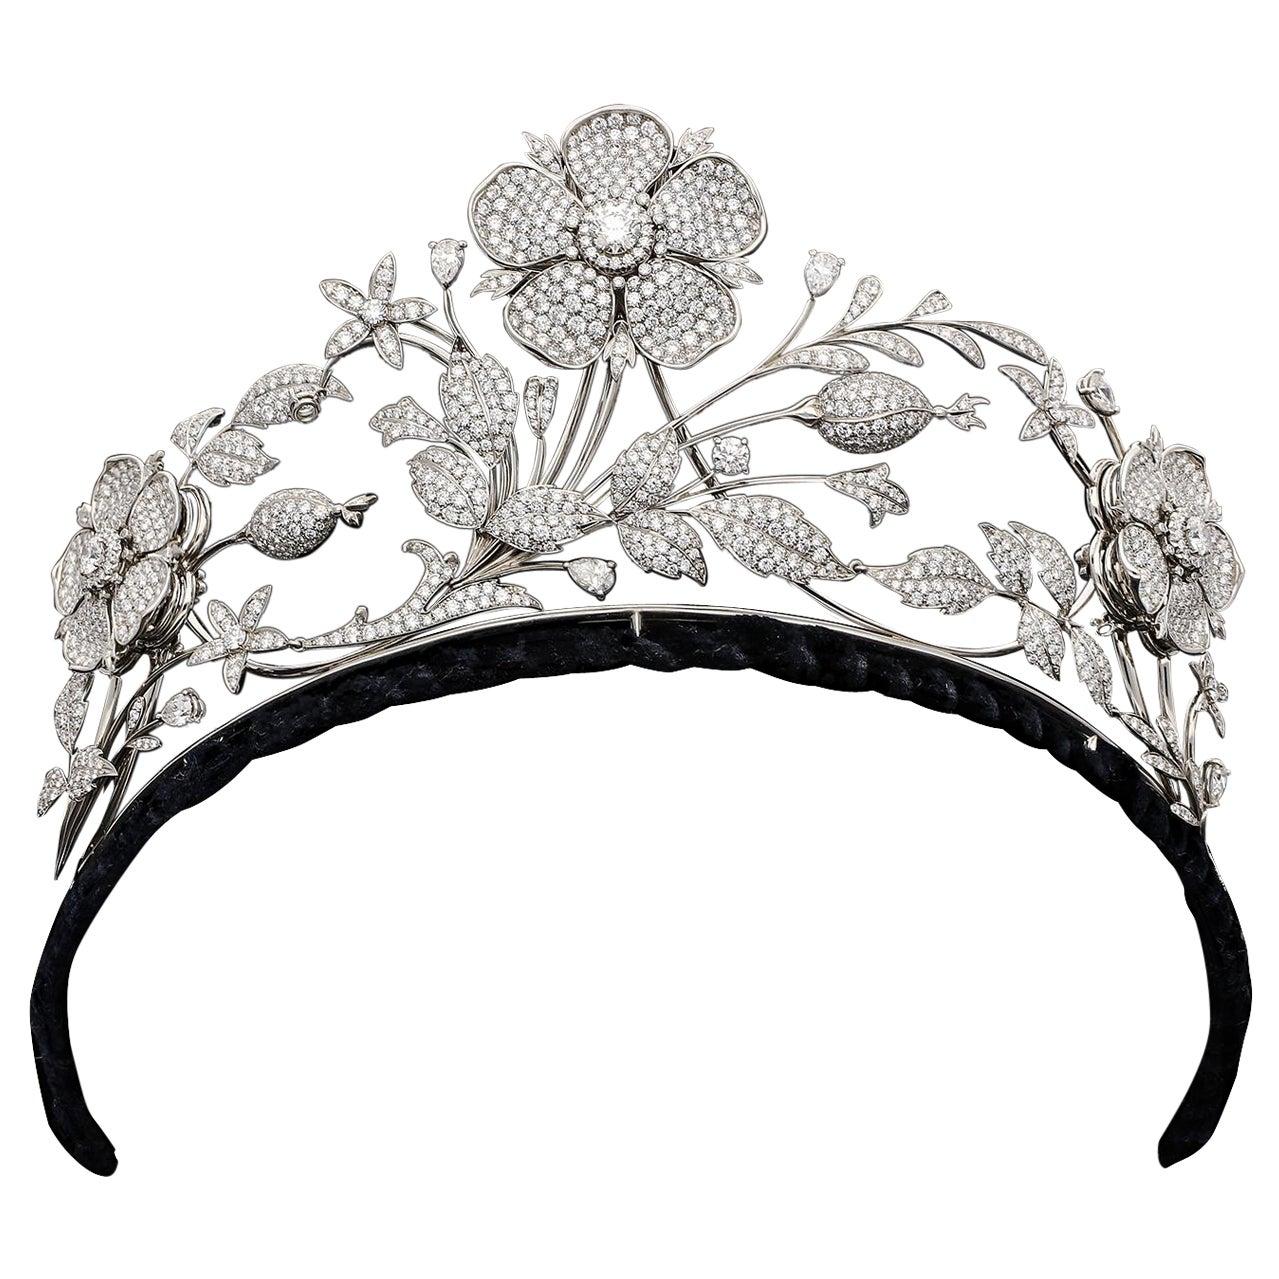 Large Edwardian Style Diamond En Tremblant  Floral Tiara by E Wolfe London